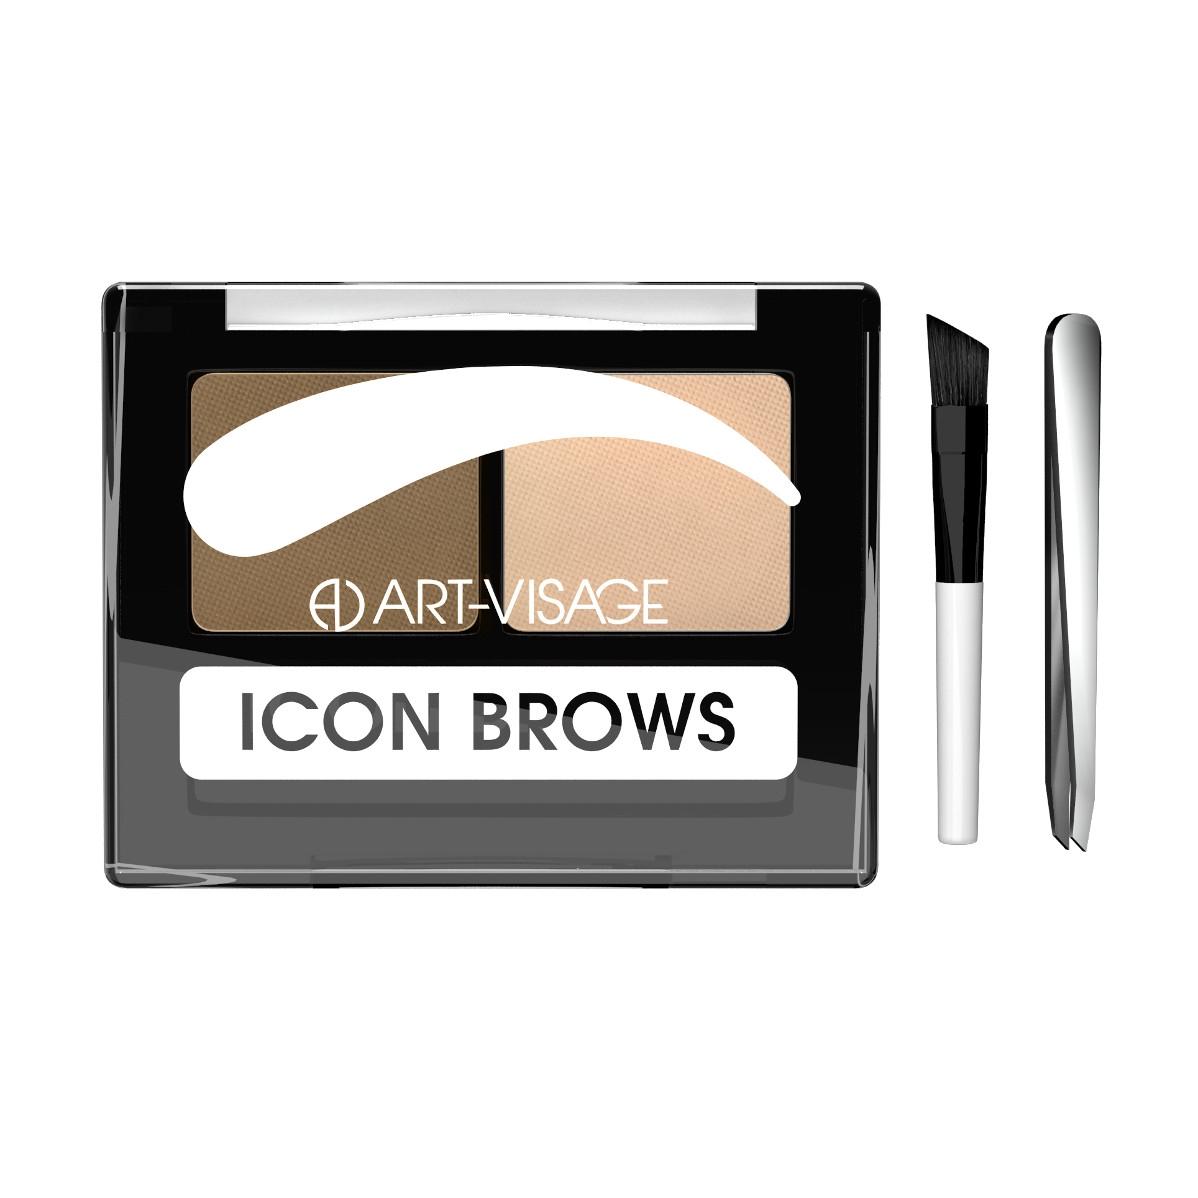 Двойные тени для бровей Art-Visage ICON BROWS с кисточкой и пинцетом 421